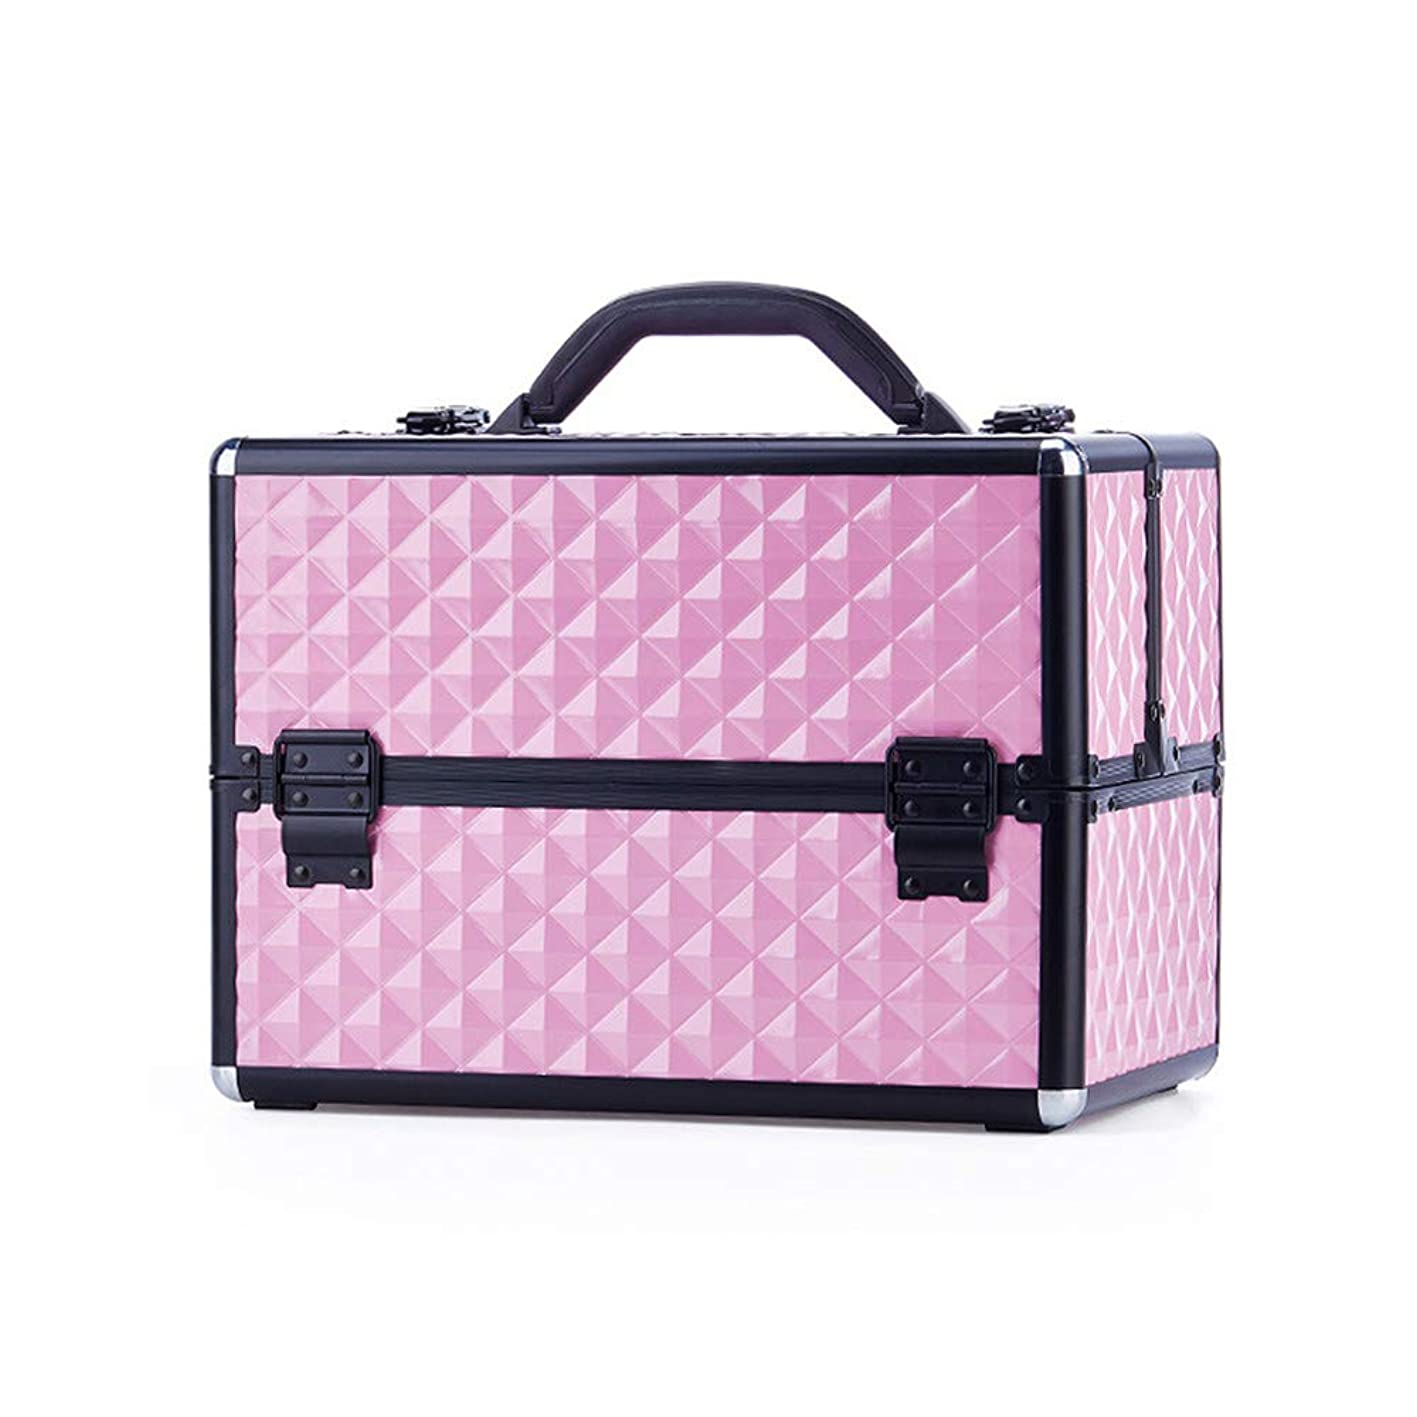 事前ブラシご注意特大スペース収納ビューティーボックス 美の構造のためそしてジッパーおよび折る皿が付いている女の子の女性旅行そして毎日の貯蔵のための高容量の携帯用化粧品袋 化粧品化粧台 (色 : ピンク)